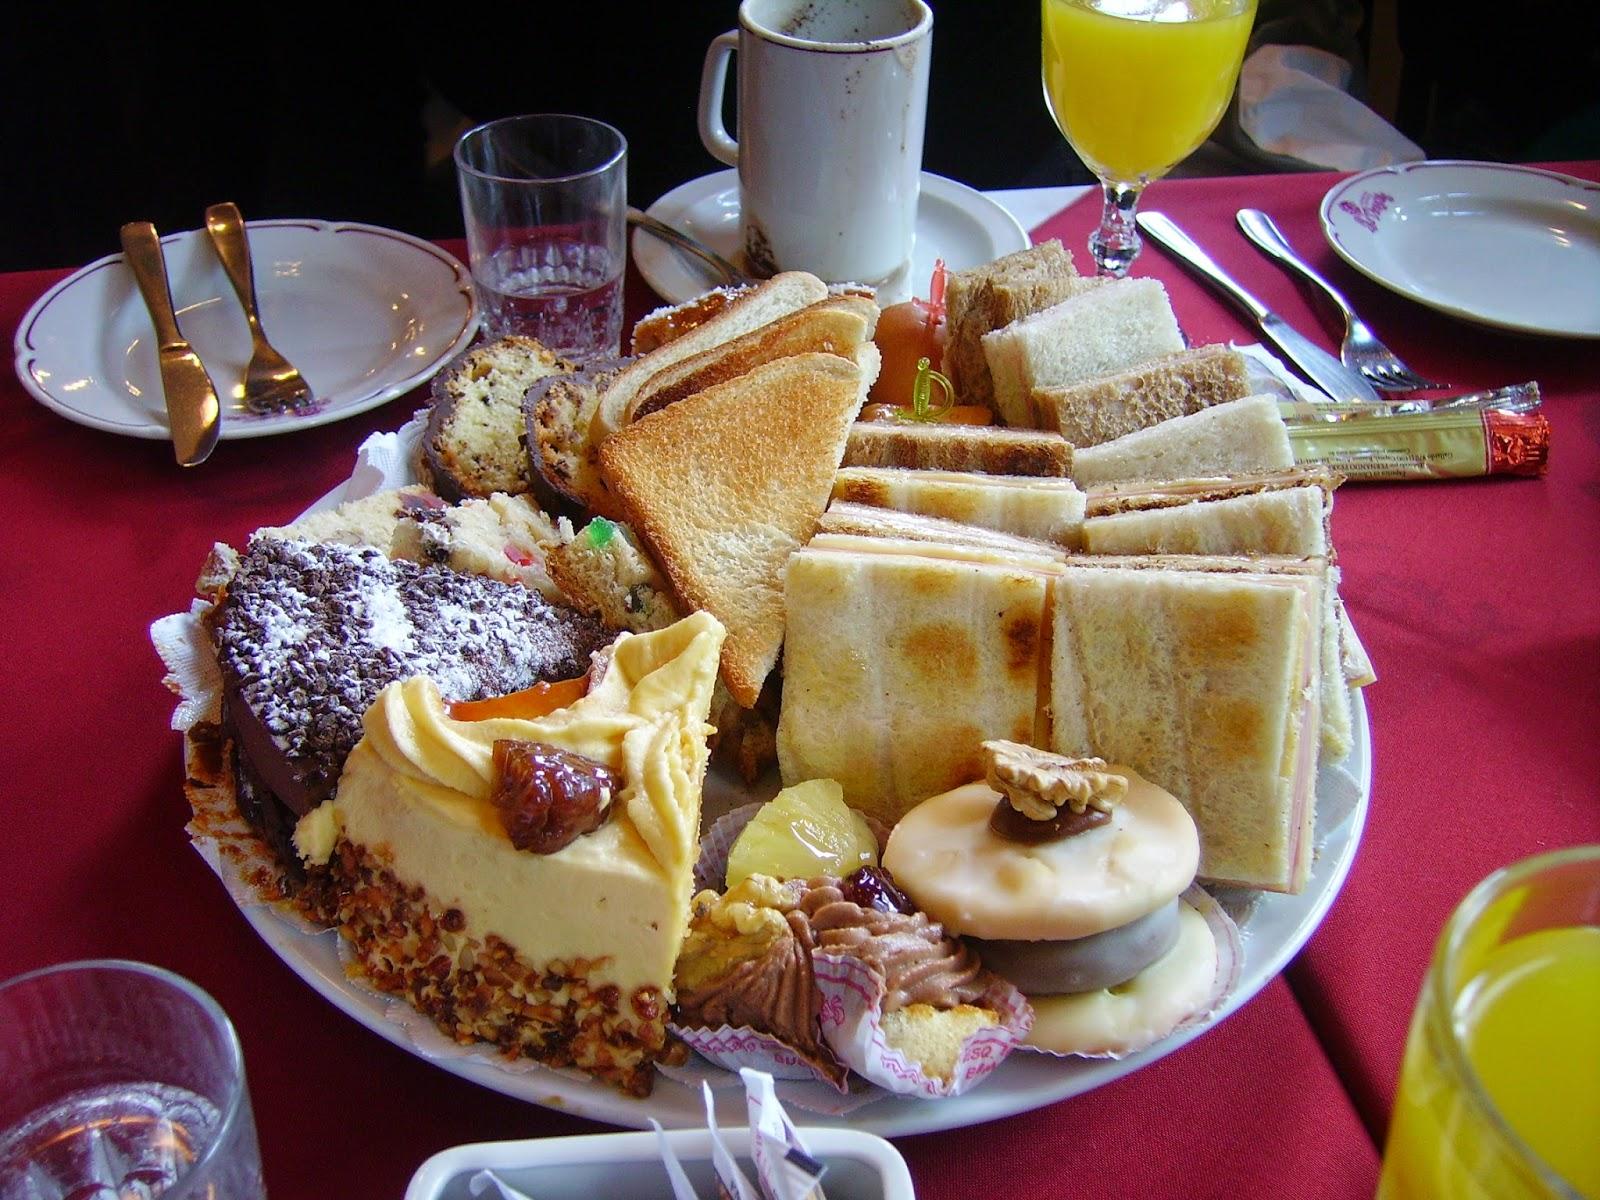 café da manhã delicioso - Confeitaria Las Violetas - Buenos Aires